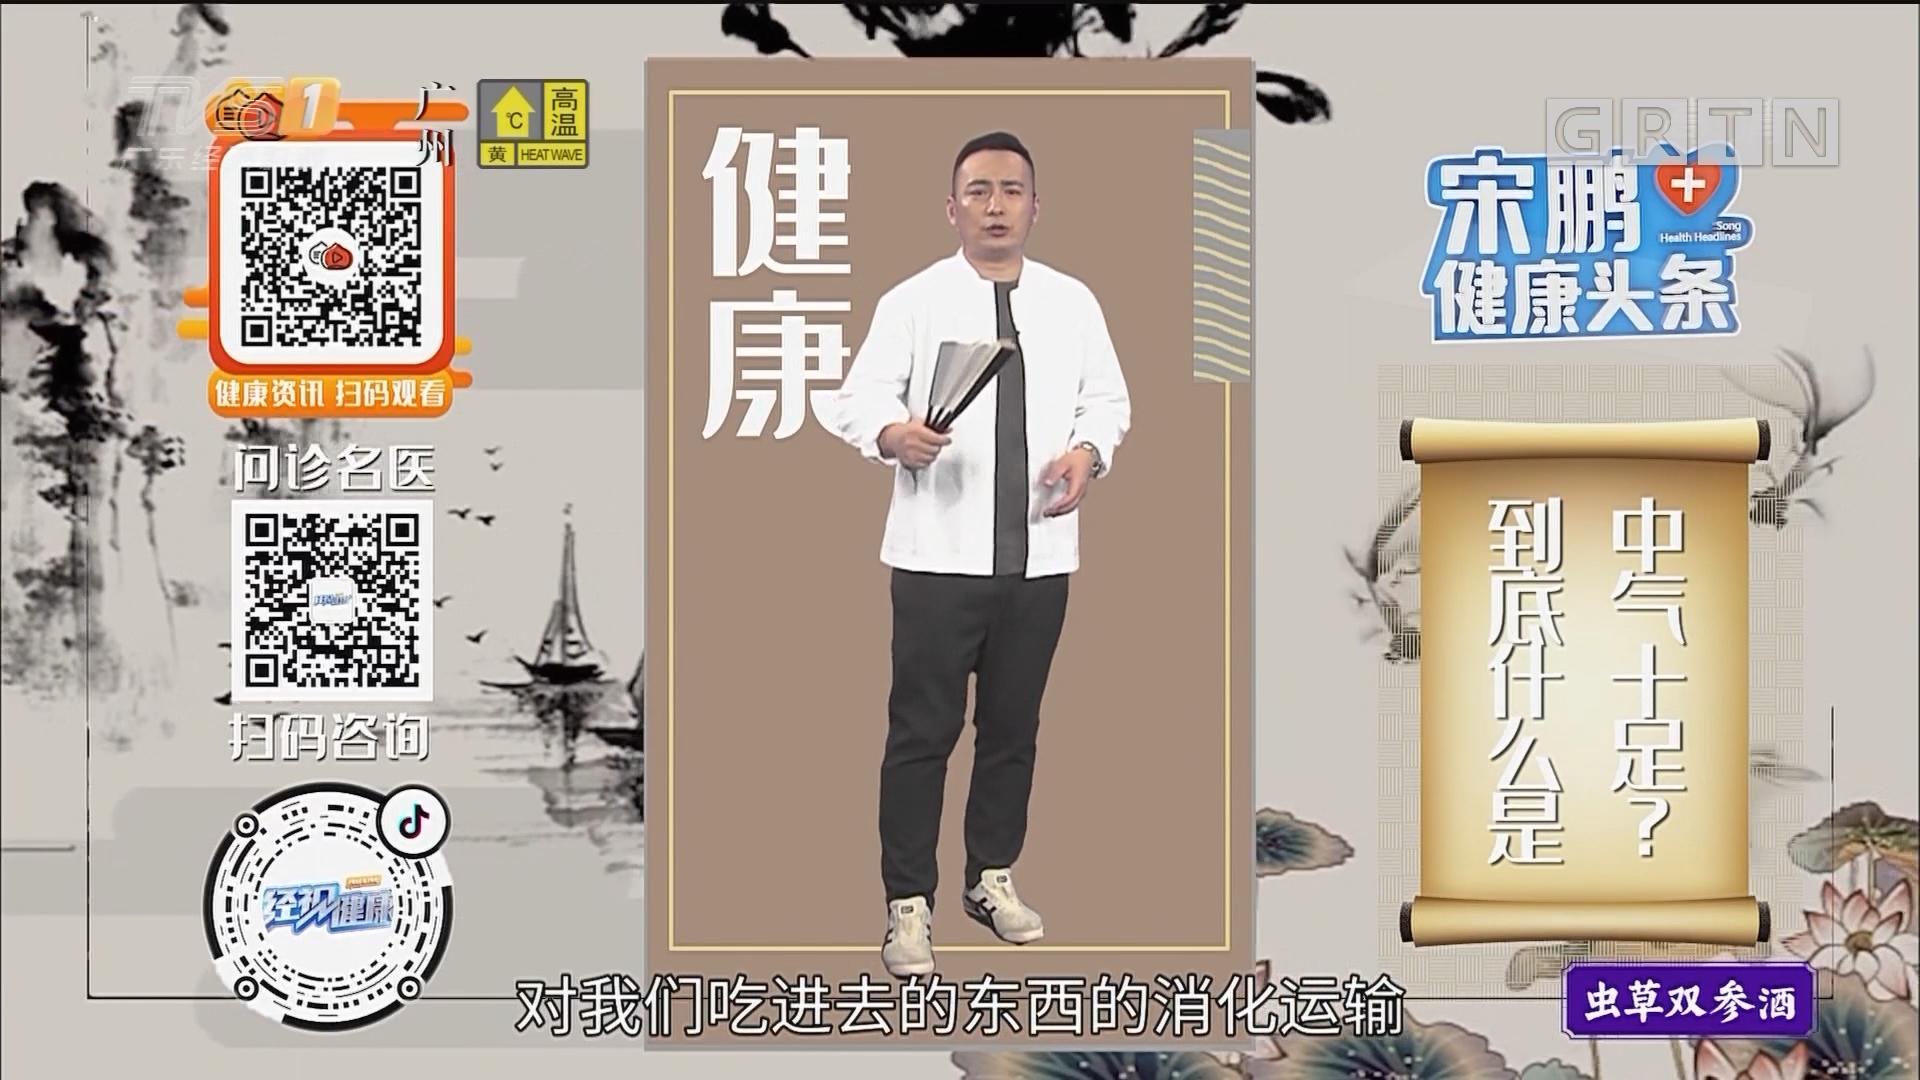 [HD][2019-09-11]经视健康+:宋鹏健康头条:到底什么是中气十足?